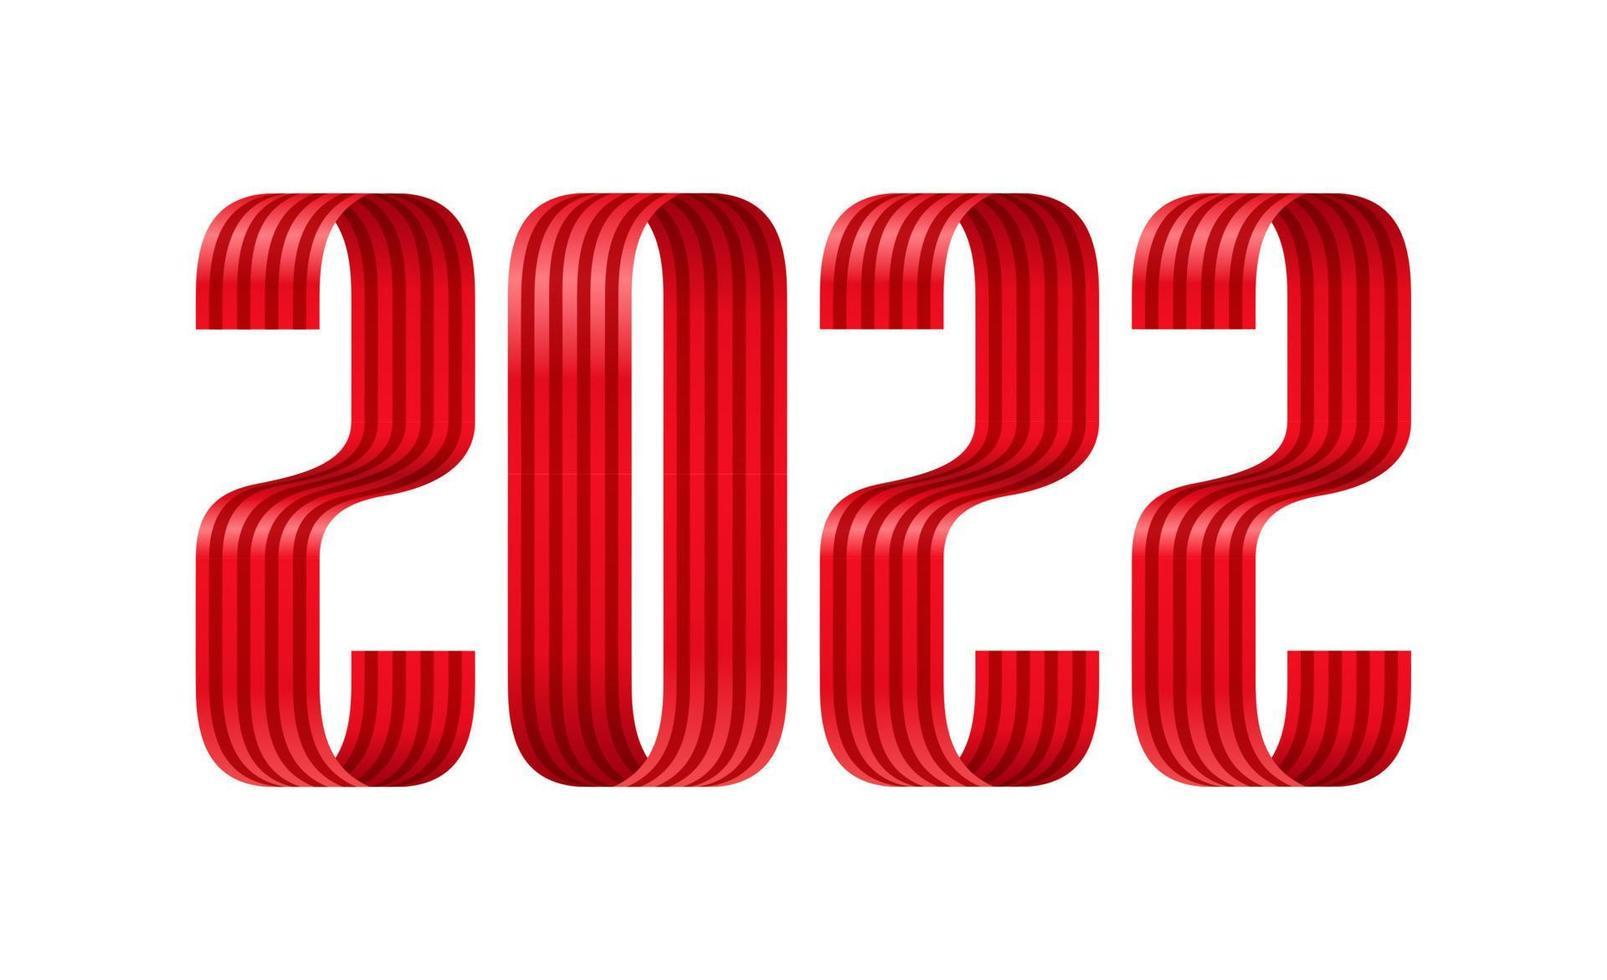 2022 cartão de felicitações de fonte vermelha de fita de feliz ano novo. design de ano novo e Natal para calendário, cartões ou impressão. fundos modernos de design minimalista. vetor